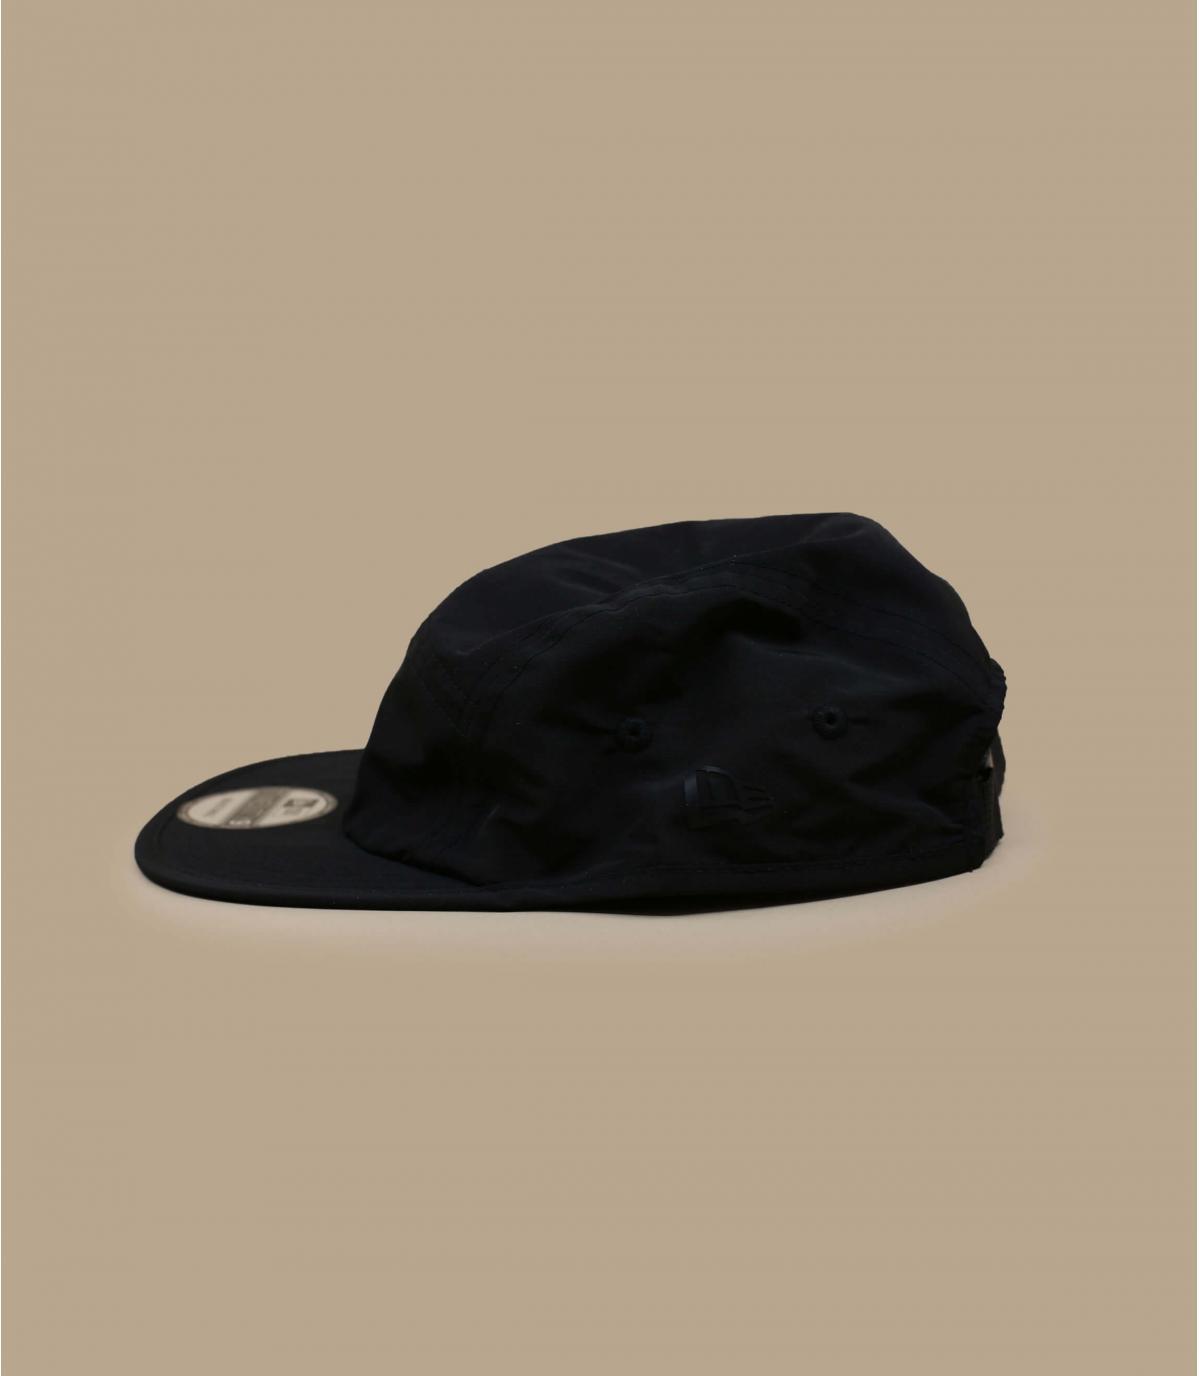 Détails Casquette Shiny pack Camper black - image 3